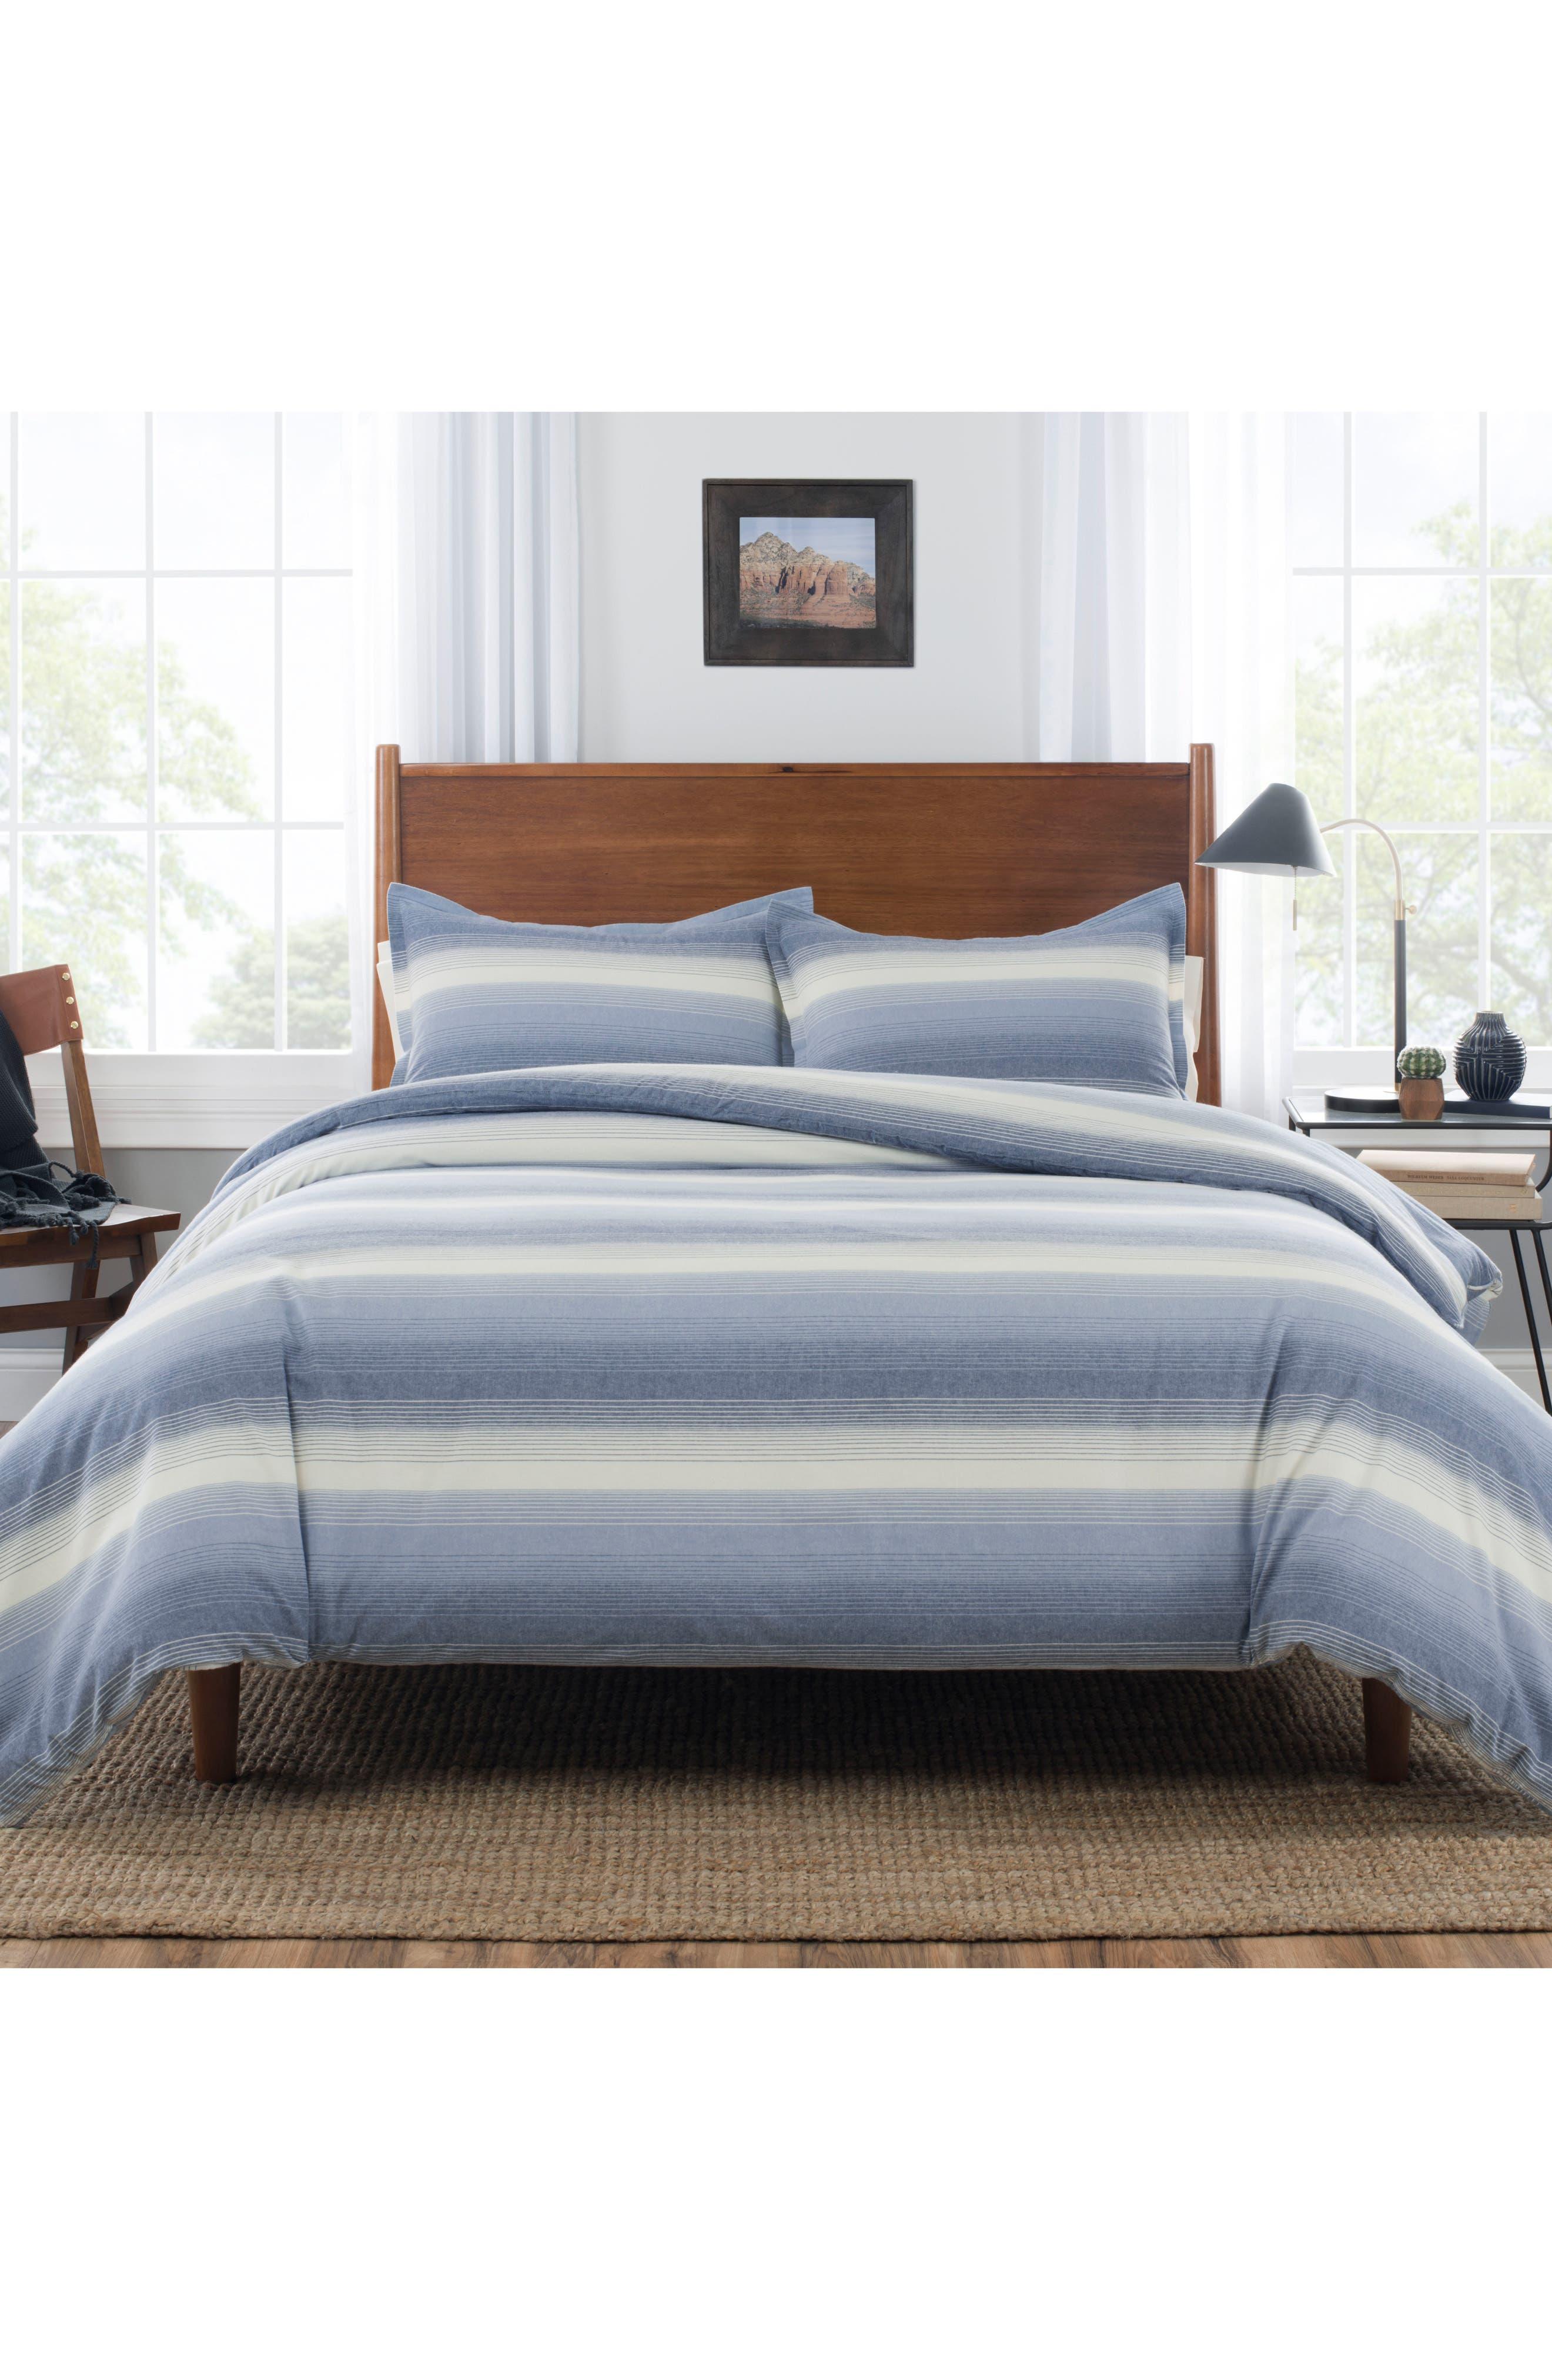 Ombré Stripe Comforter & Sham Set,                             Main thumbnail 1, color,                             Denim